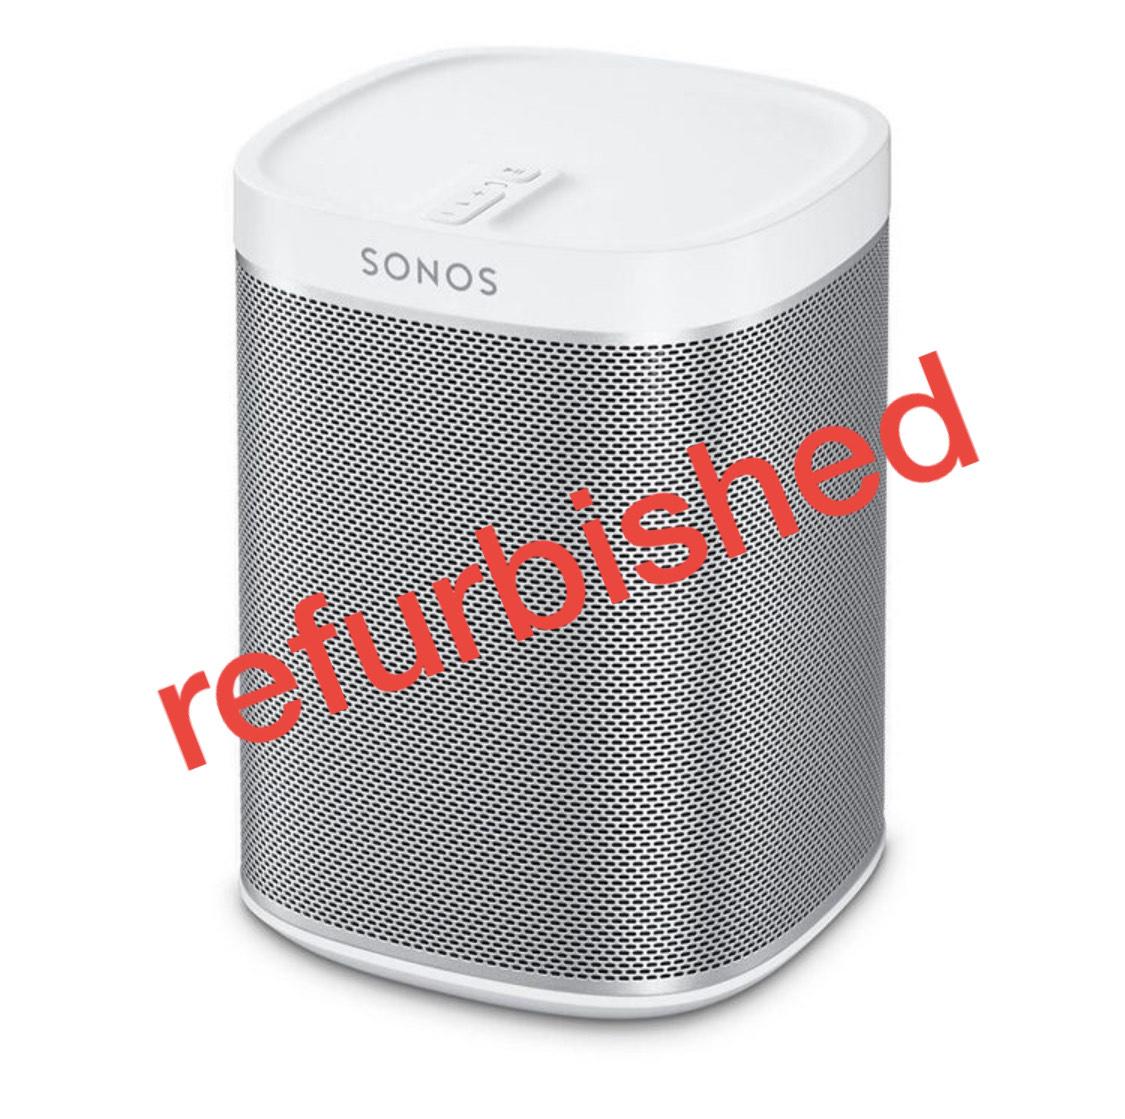 Sonos Play 1 in weiß, refurbished (generalüberholt) für 129,-€ bzw. 109,65€ möglich.